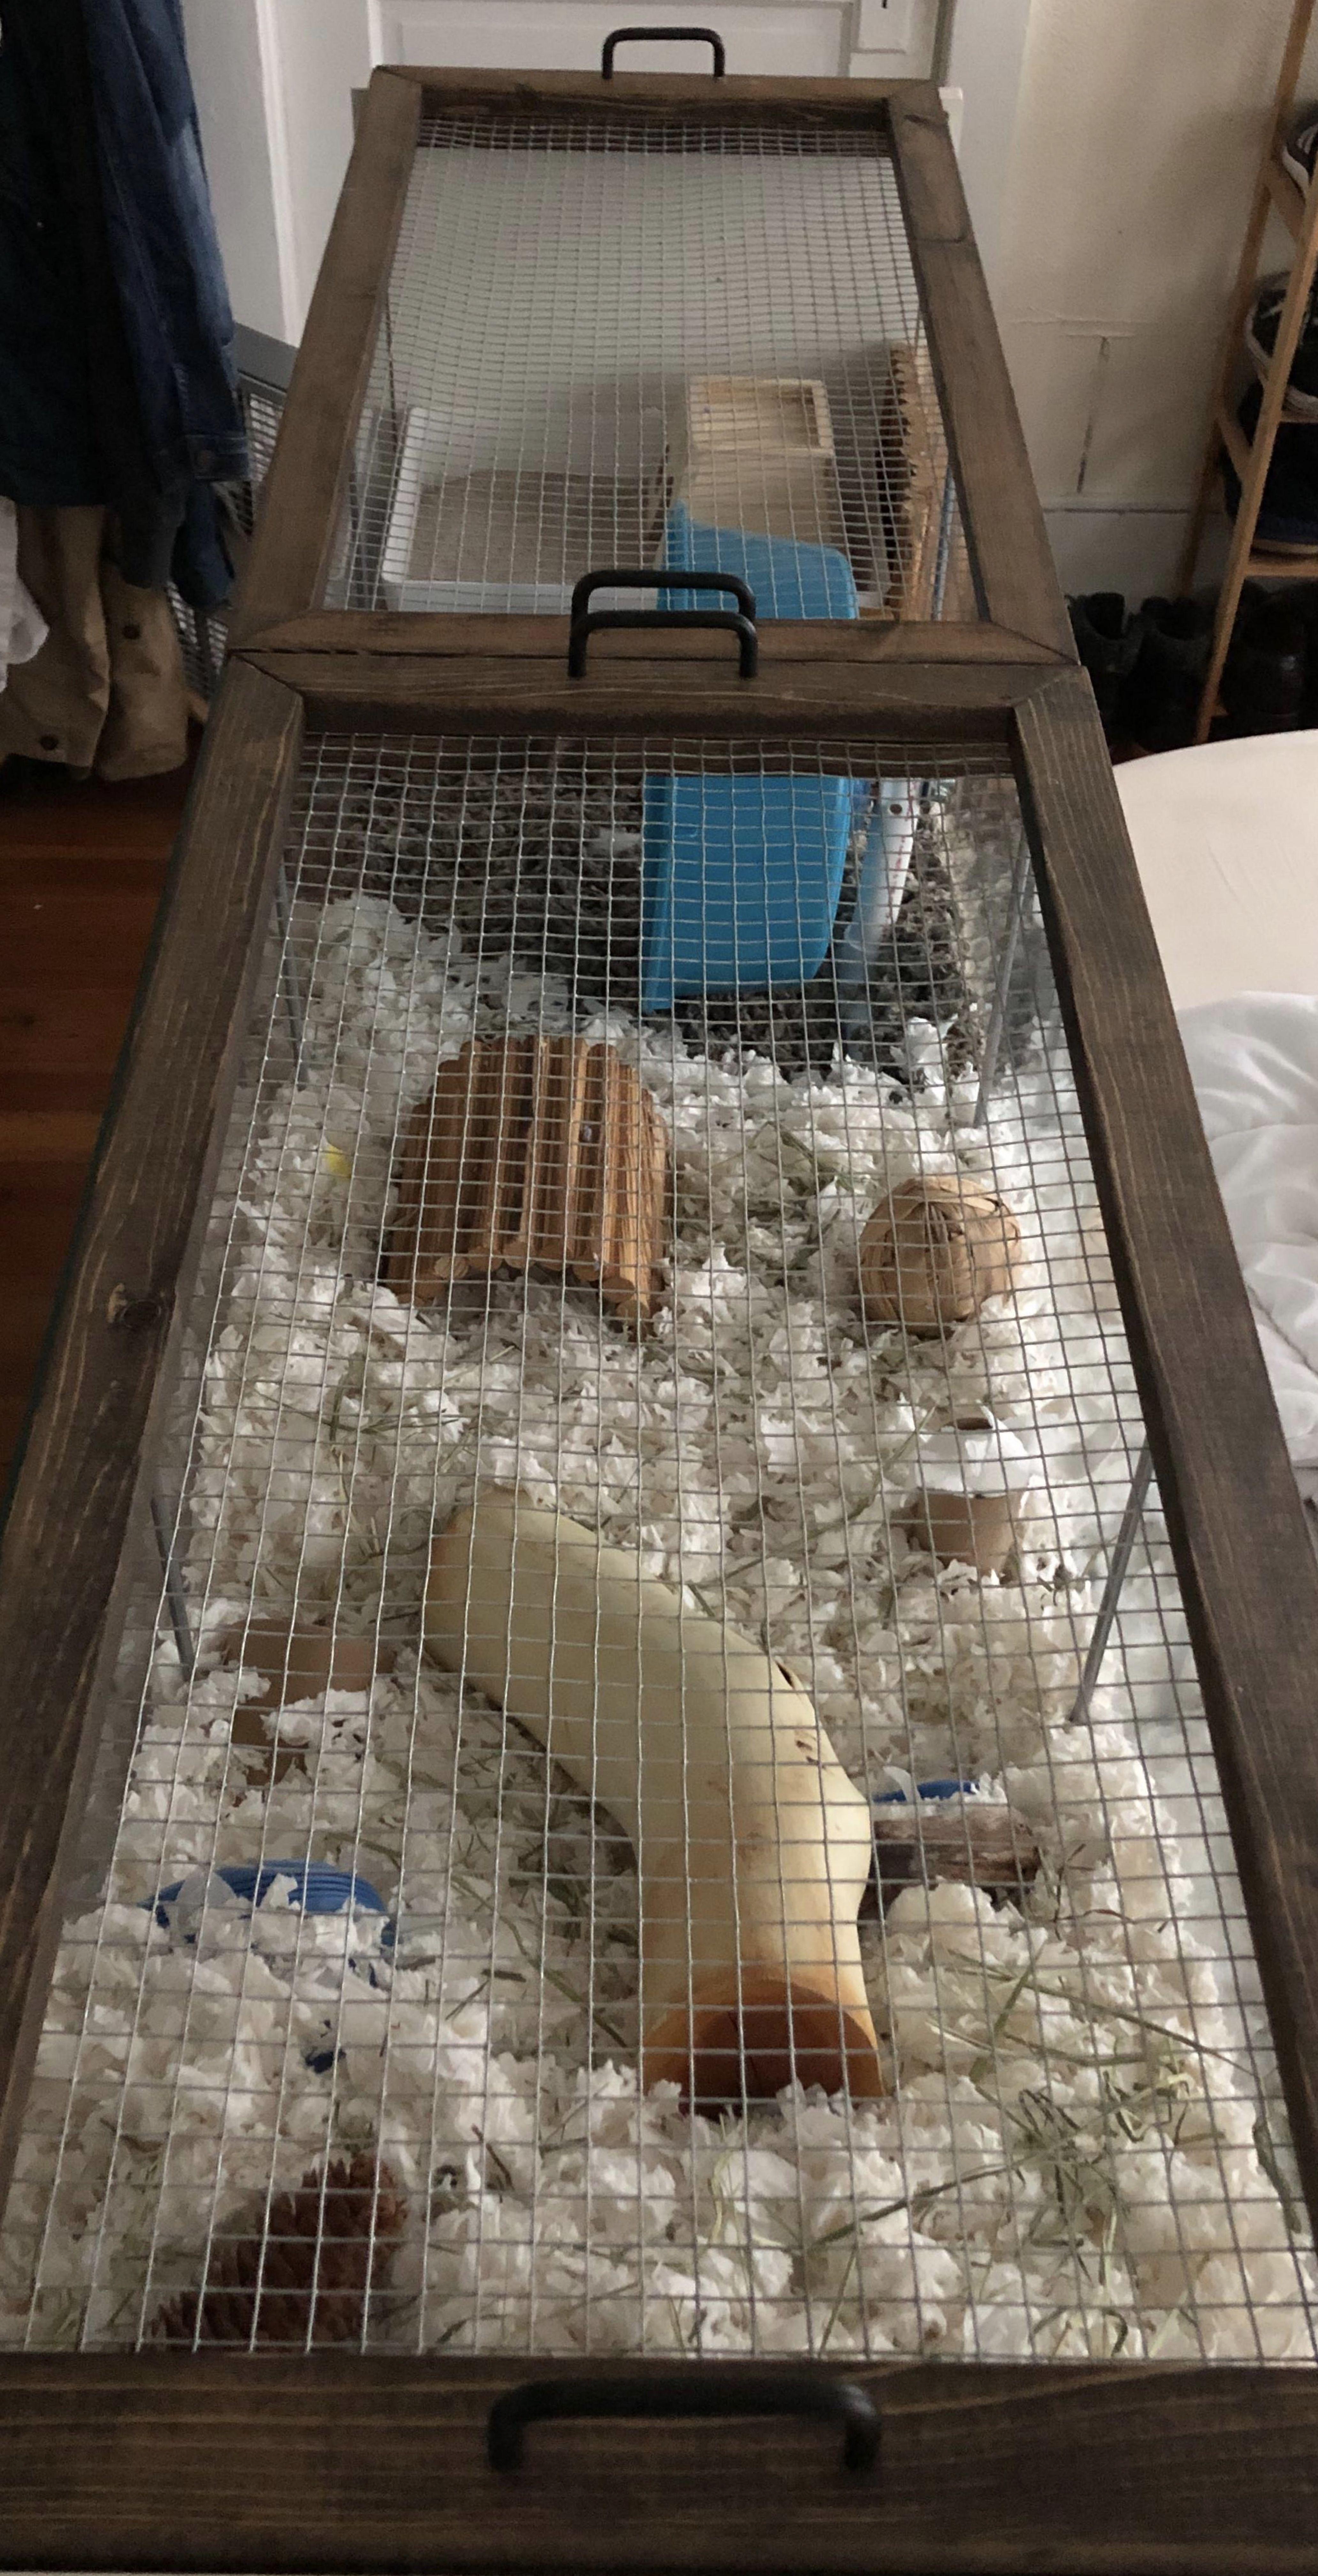 Diy Lid For Ikea Detolf Hamster Diy Hamster Diy Cage Hamster Cages